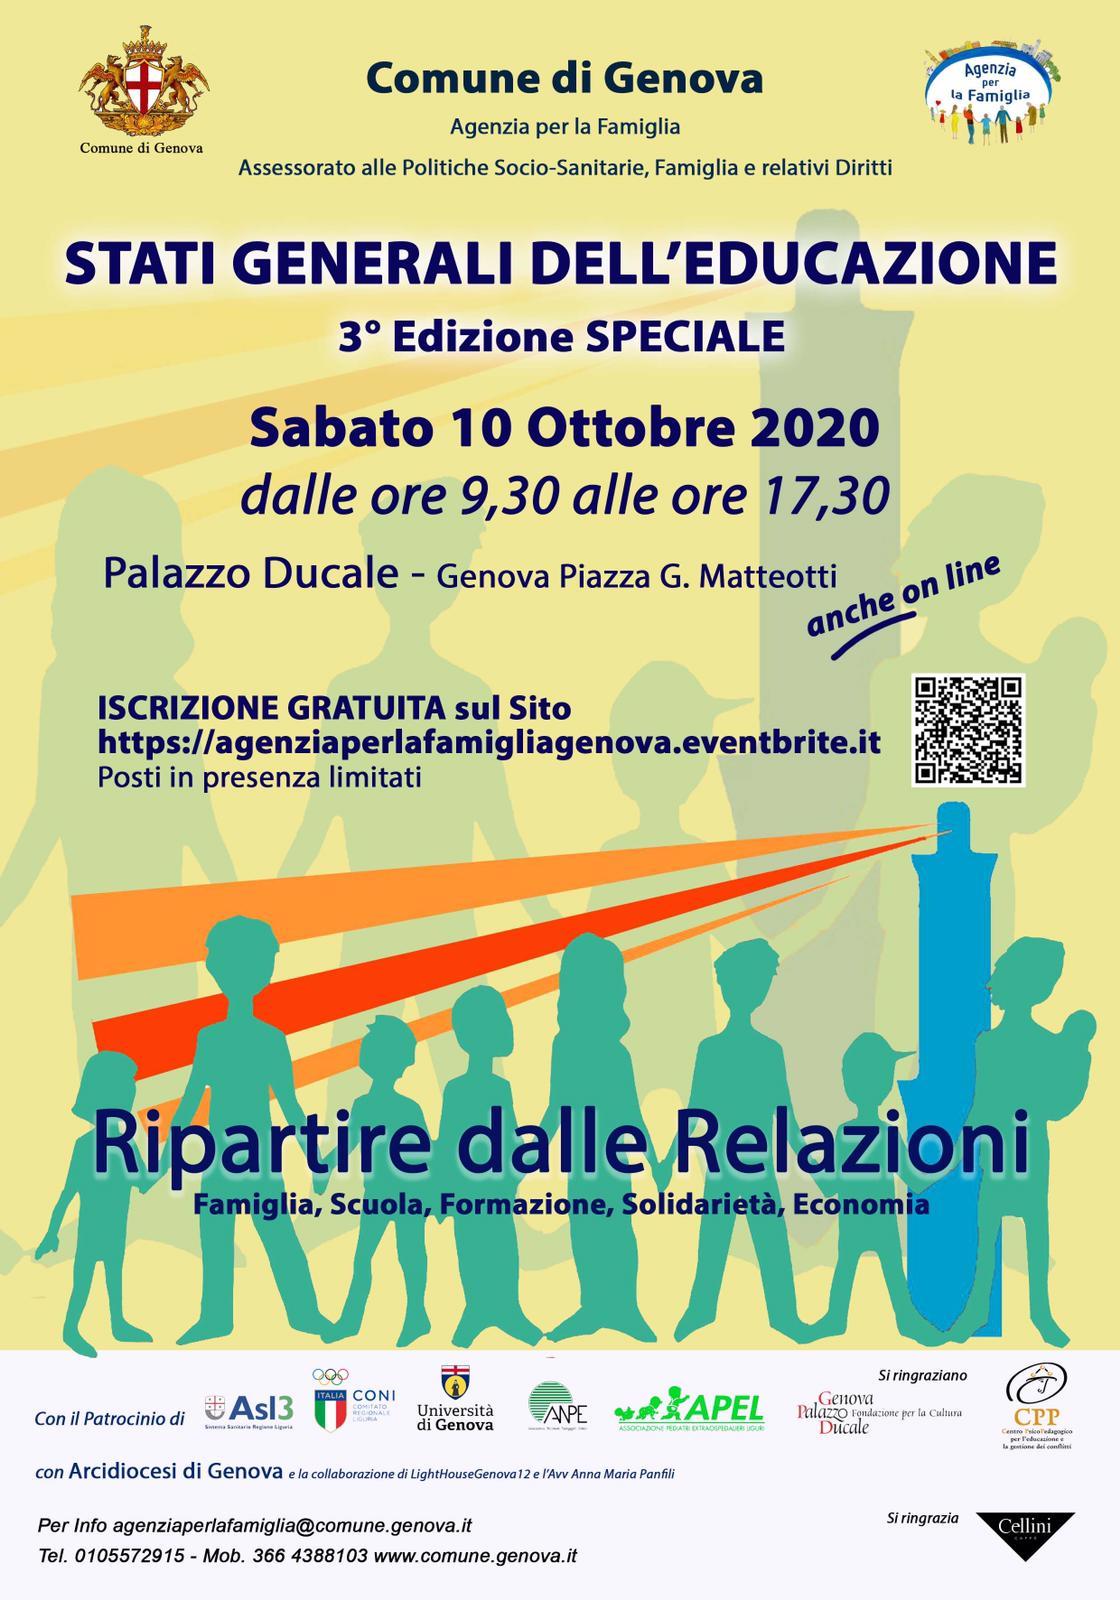 Genova Centro LiberaMente educazione ANPE